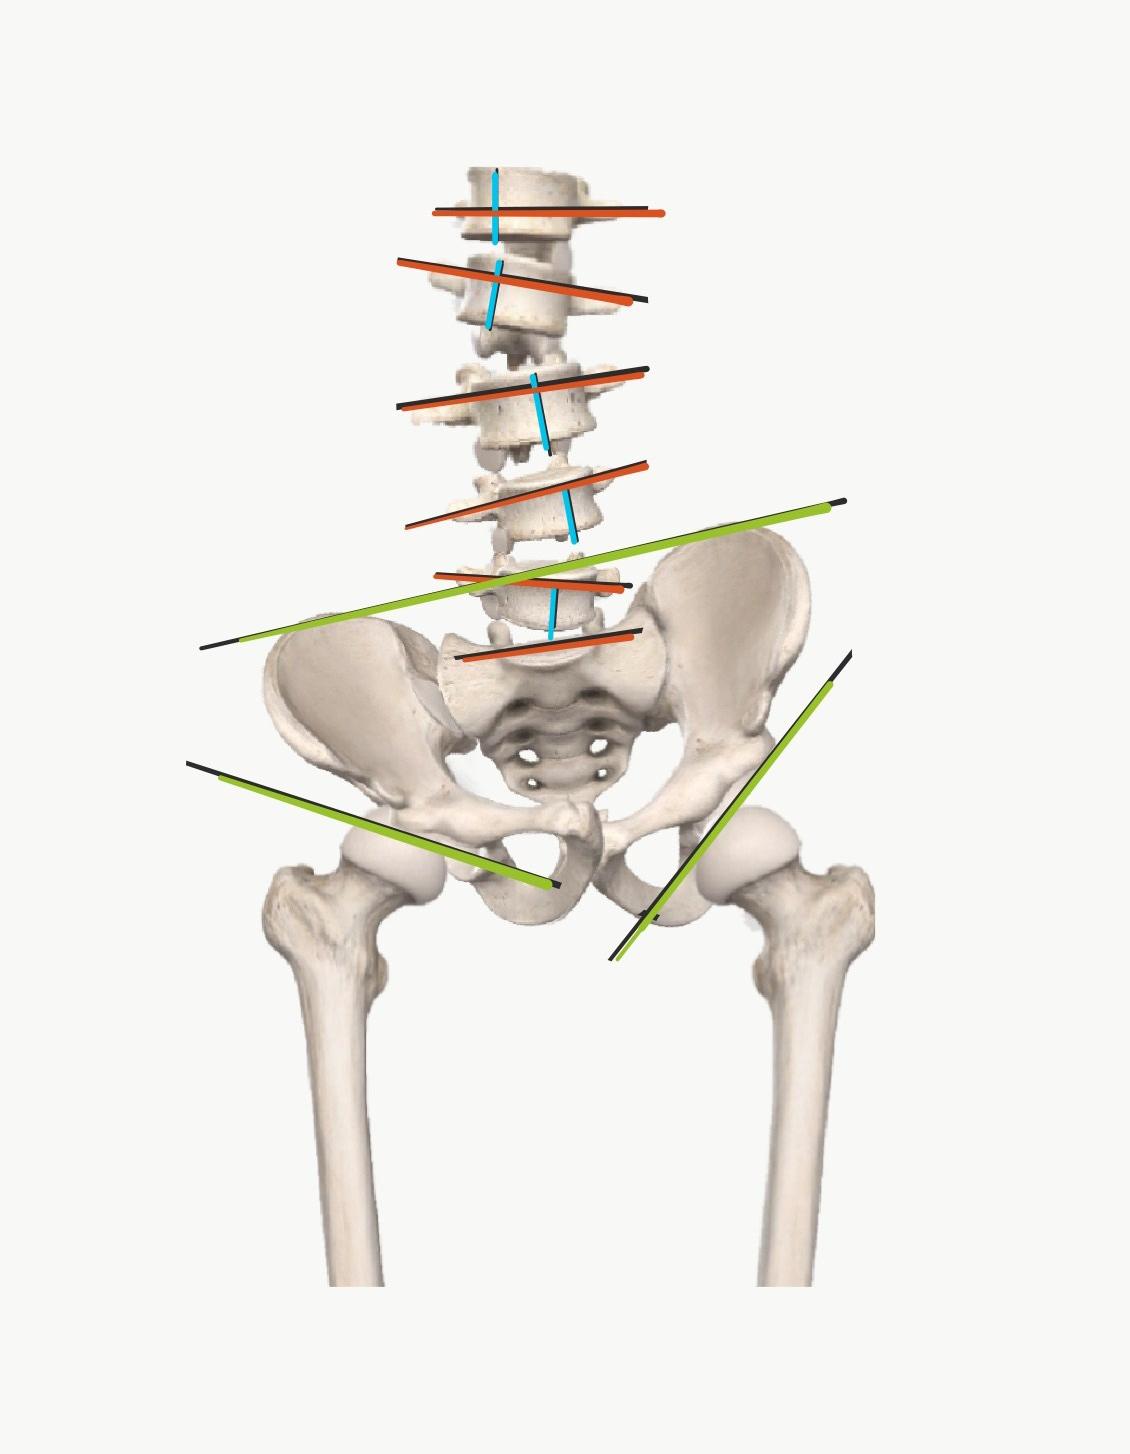 学生の側弯症、顎関節症も合併  動きの触診による評価と治療